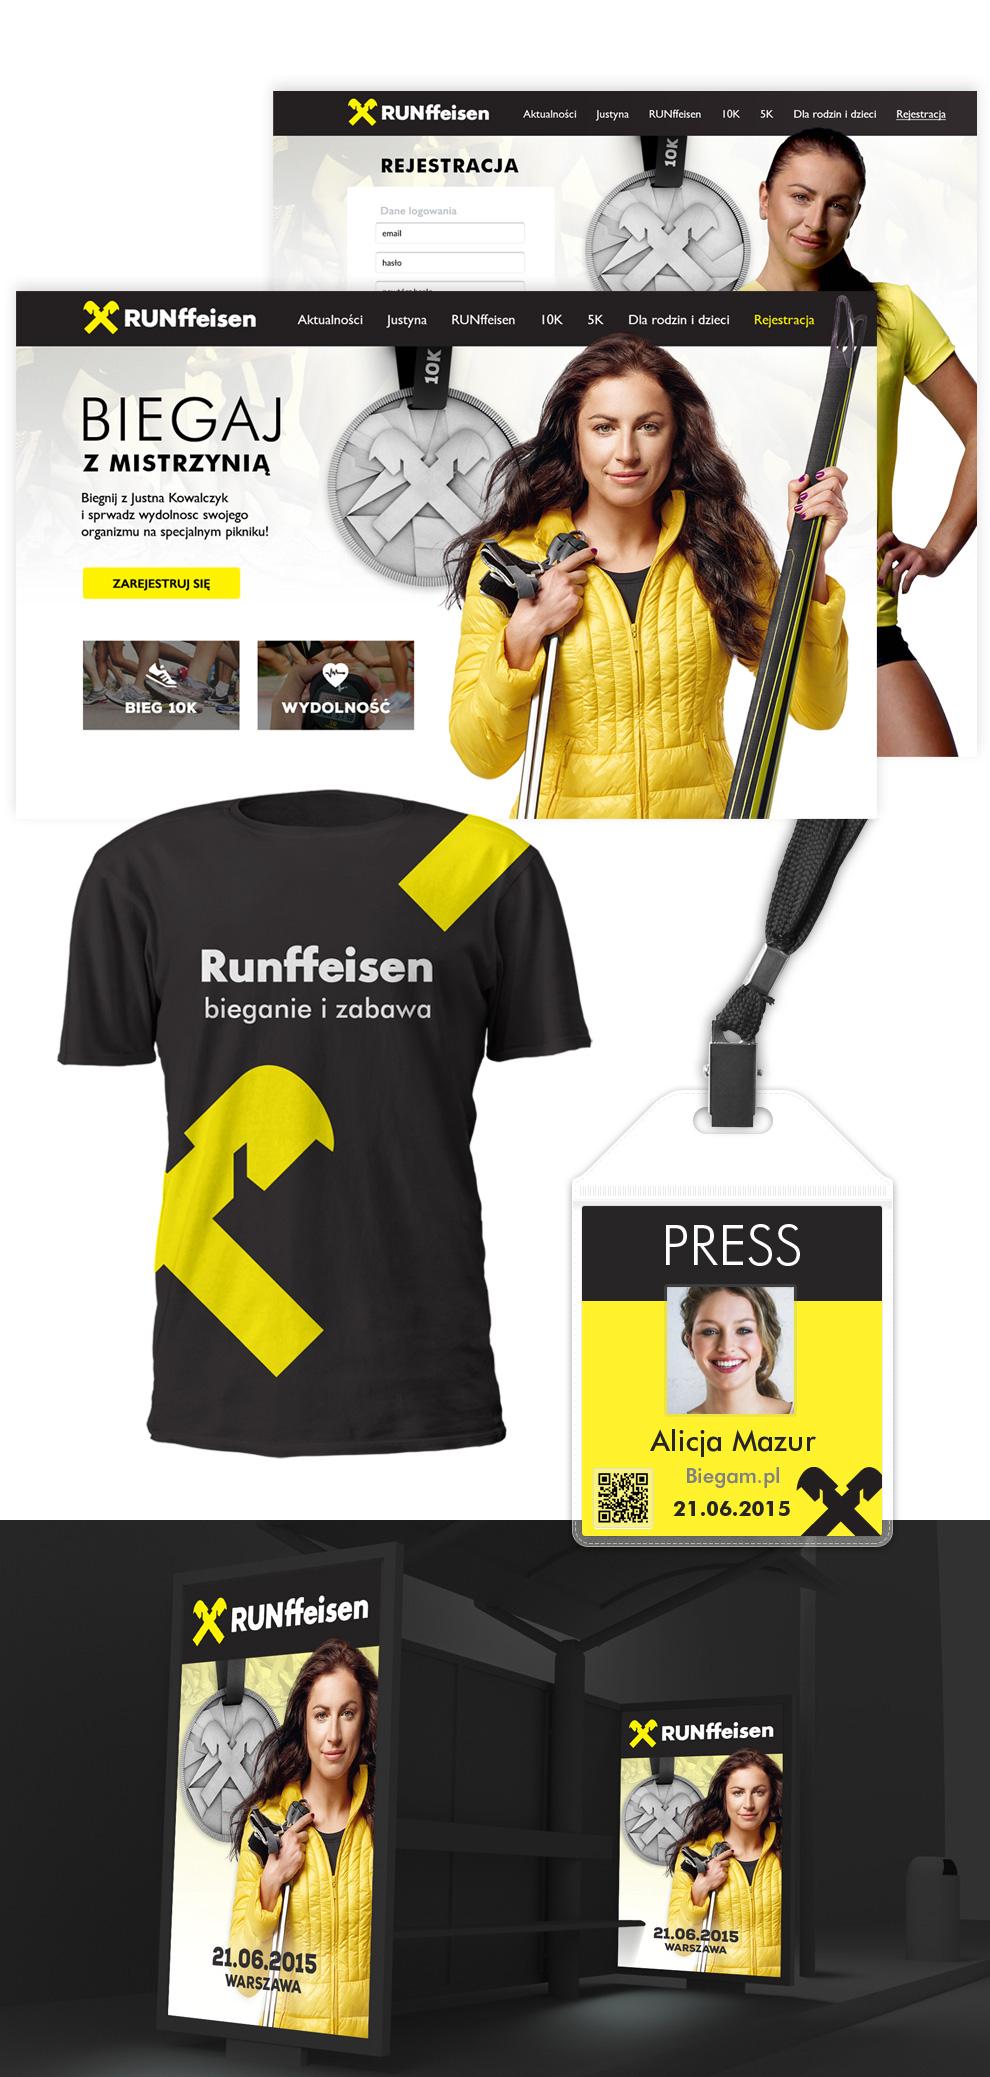 branding-runffeisen-strona-internetowa-warszawa